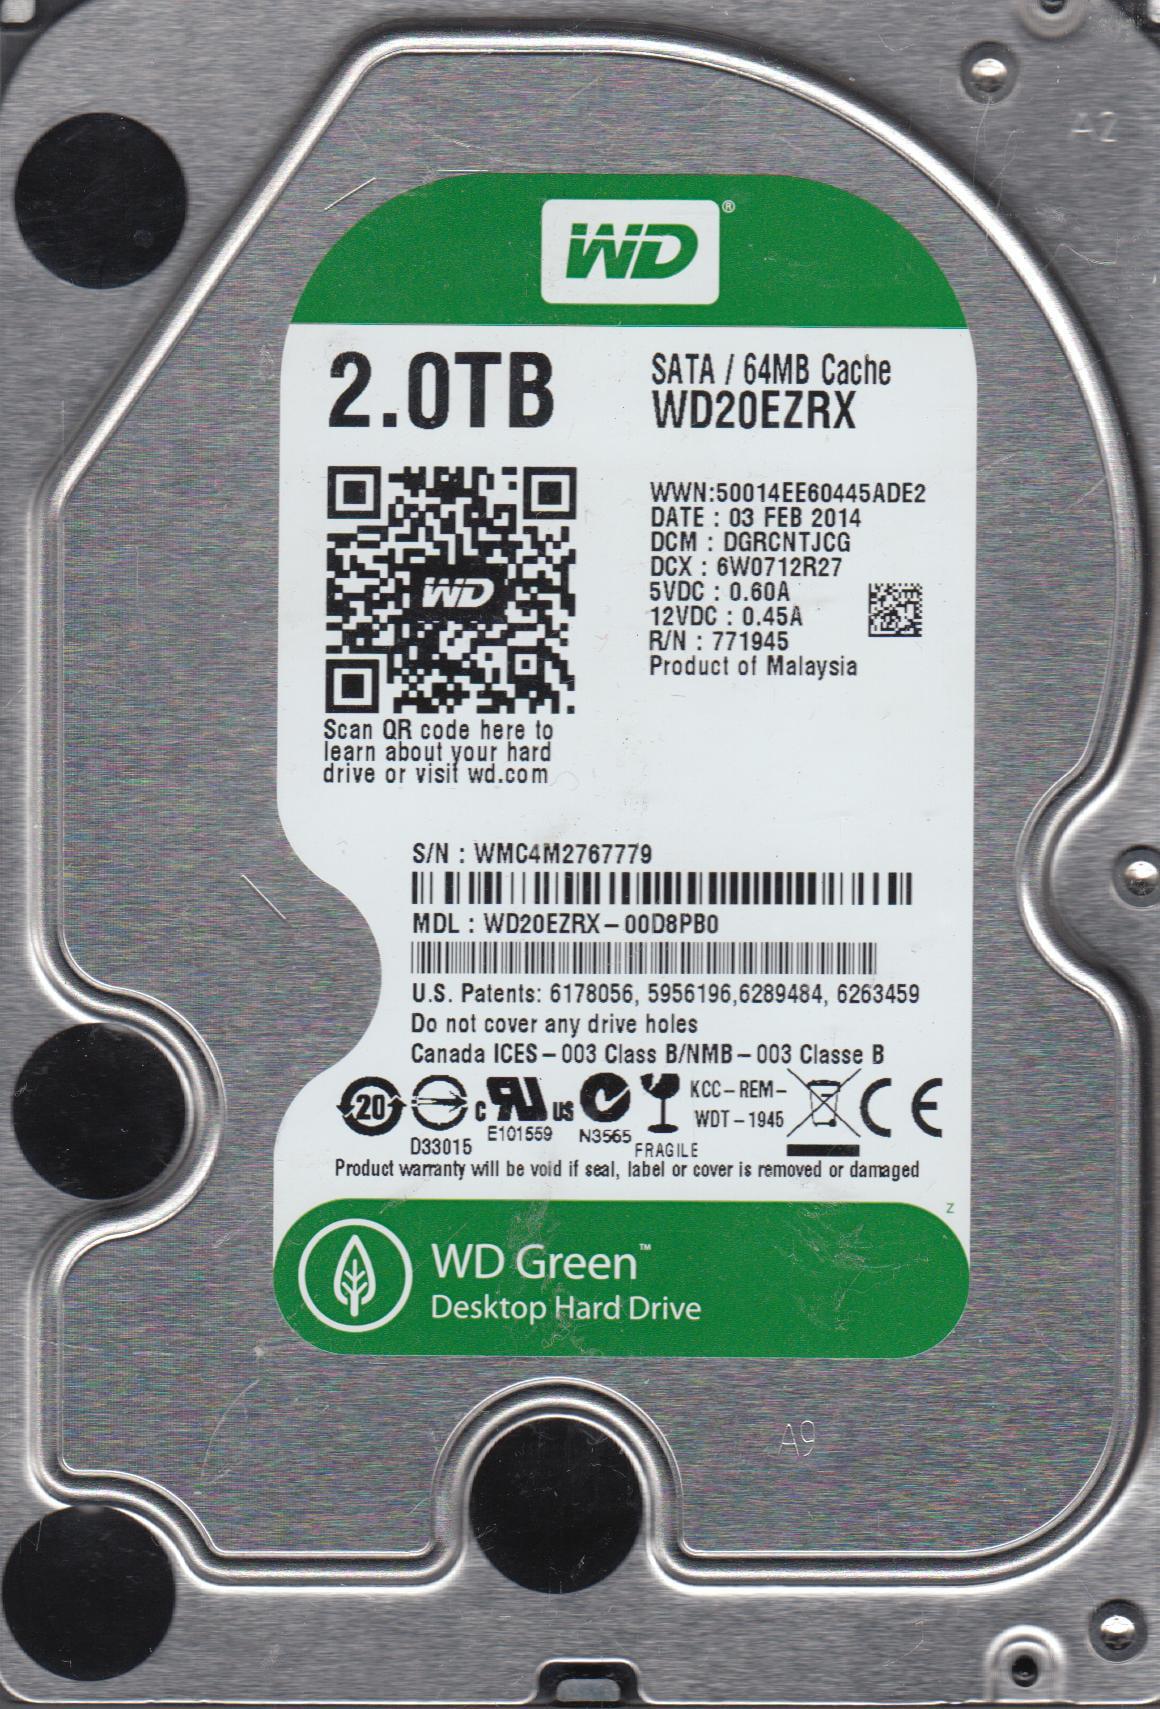 WD20EZRX-00D8PB0, DCM DGRCNTJCG, Western Digital 2TB SATA 3.5 Hard Drive by WD